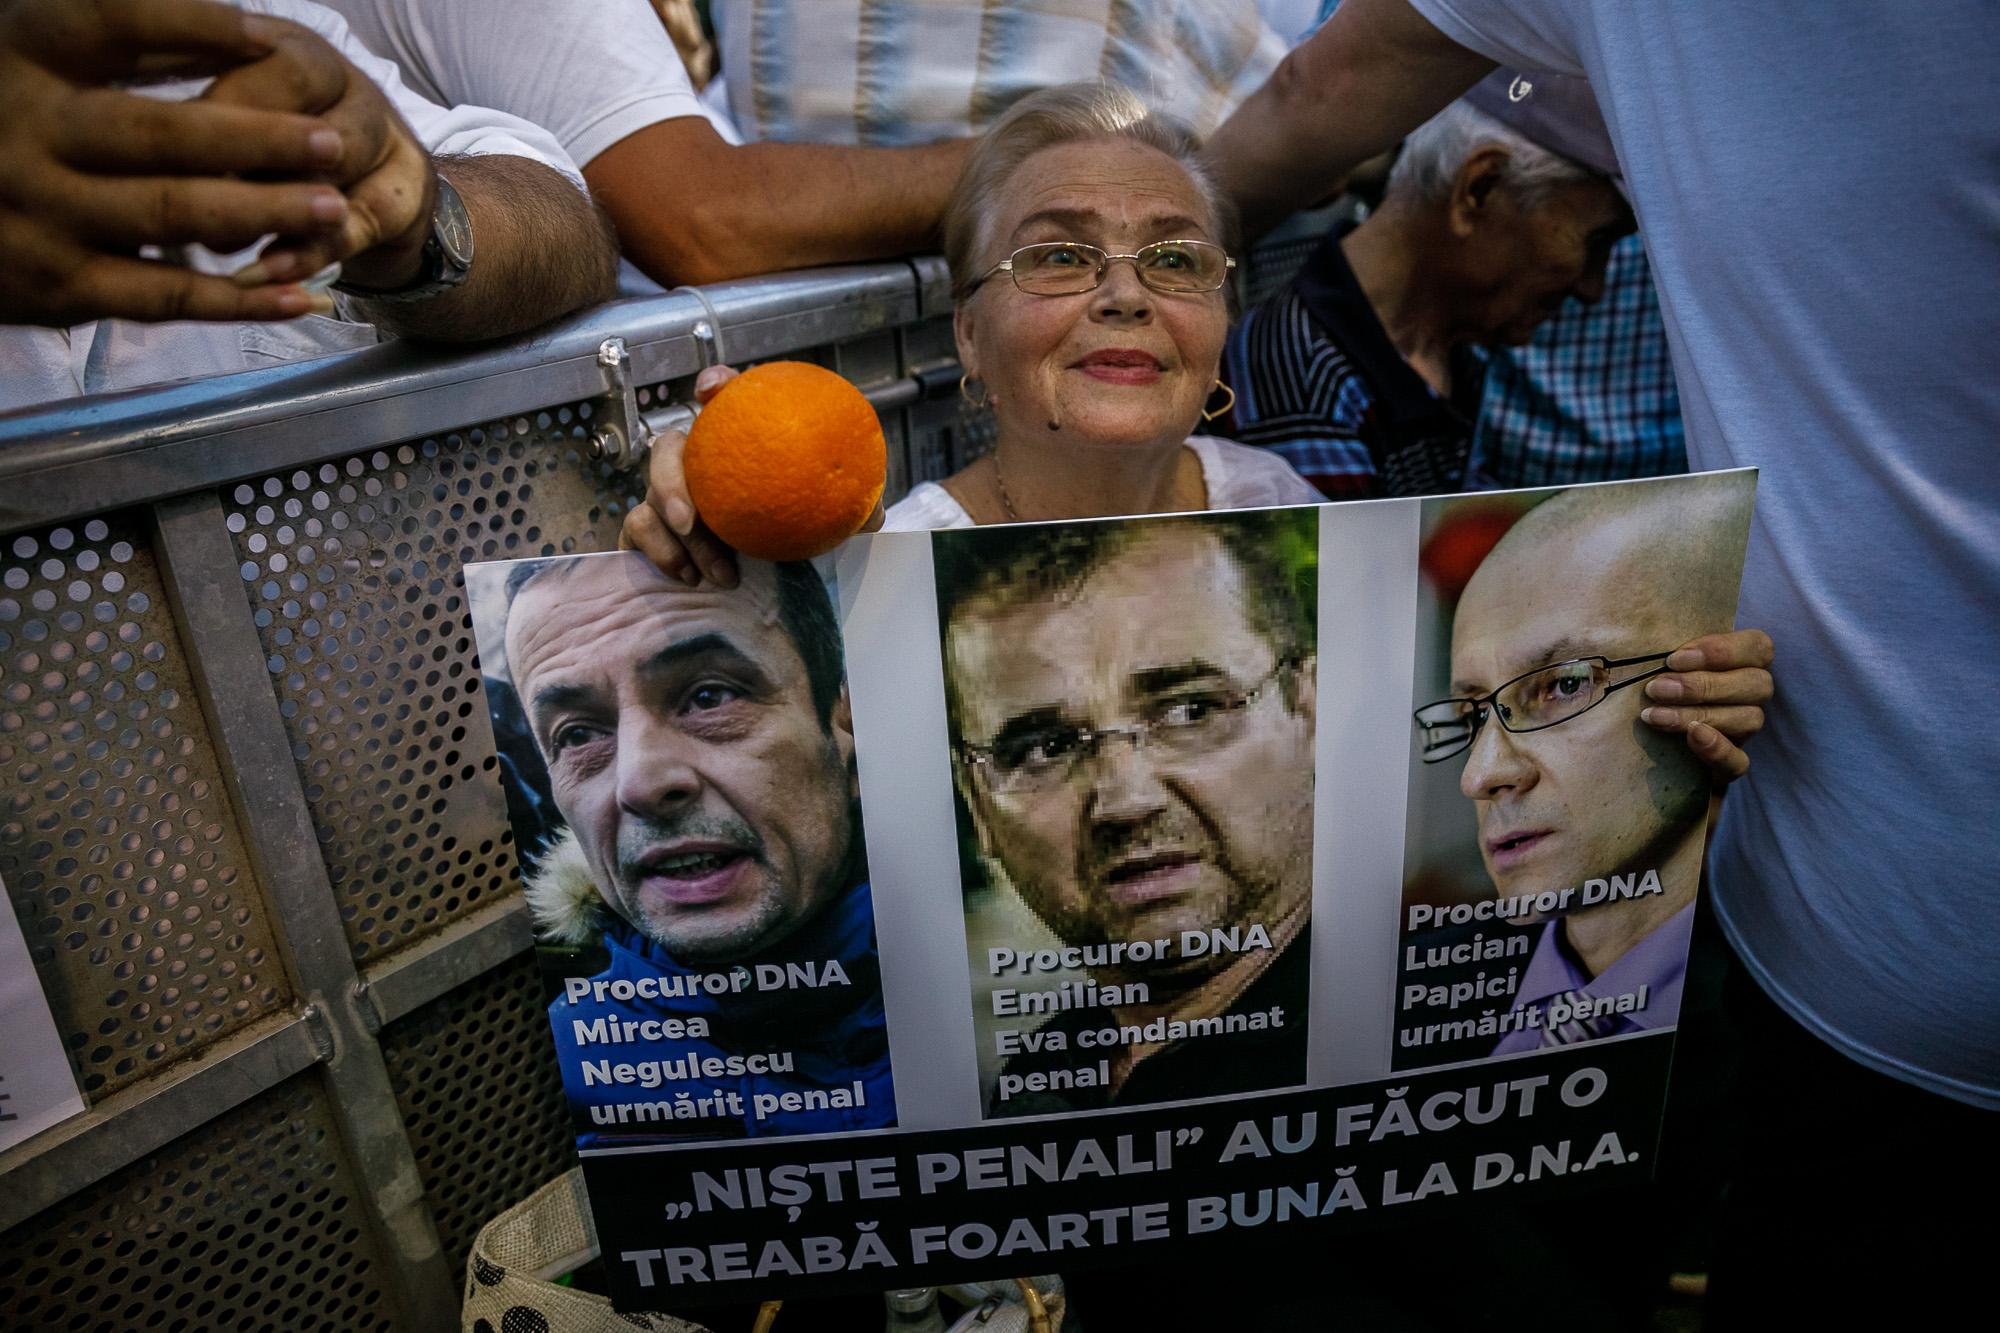 Dragnea - Cine va pierde de pe urma mitingului PSD-ALDE - Pagina 2 1528636317913-miting-psd-9-iunie-154